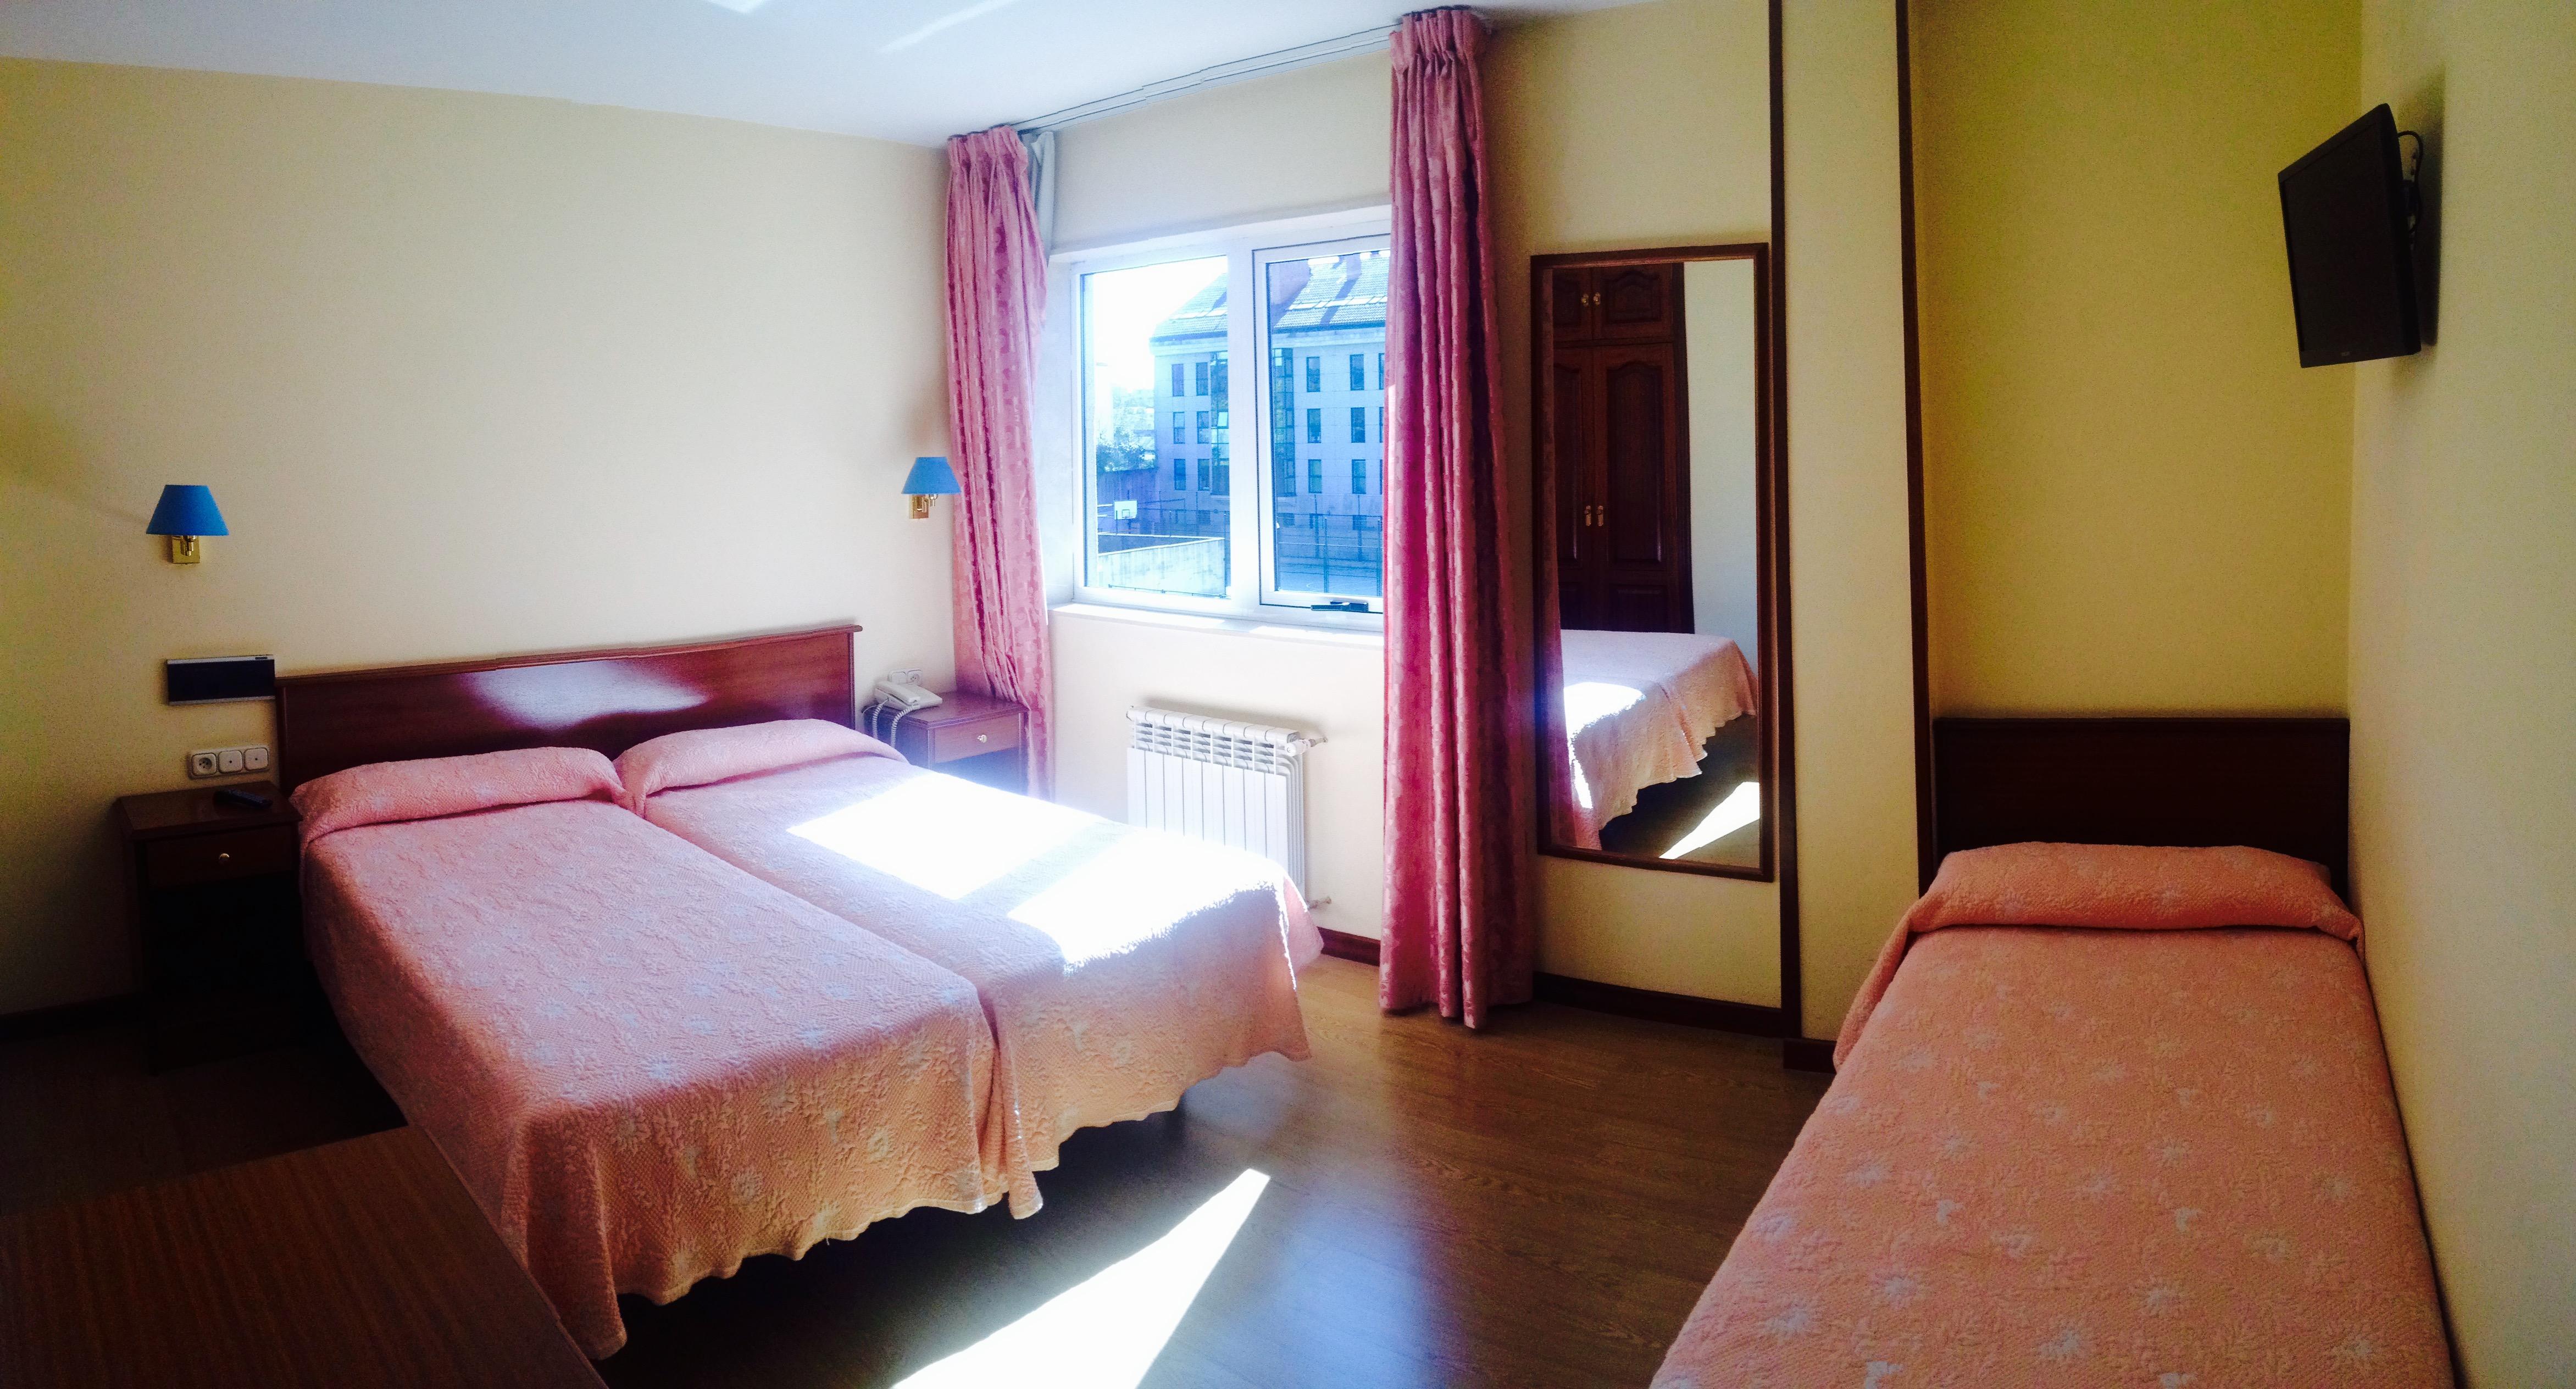 Habitación triple con 3 camas y baño privado